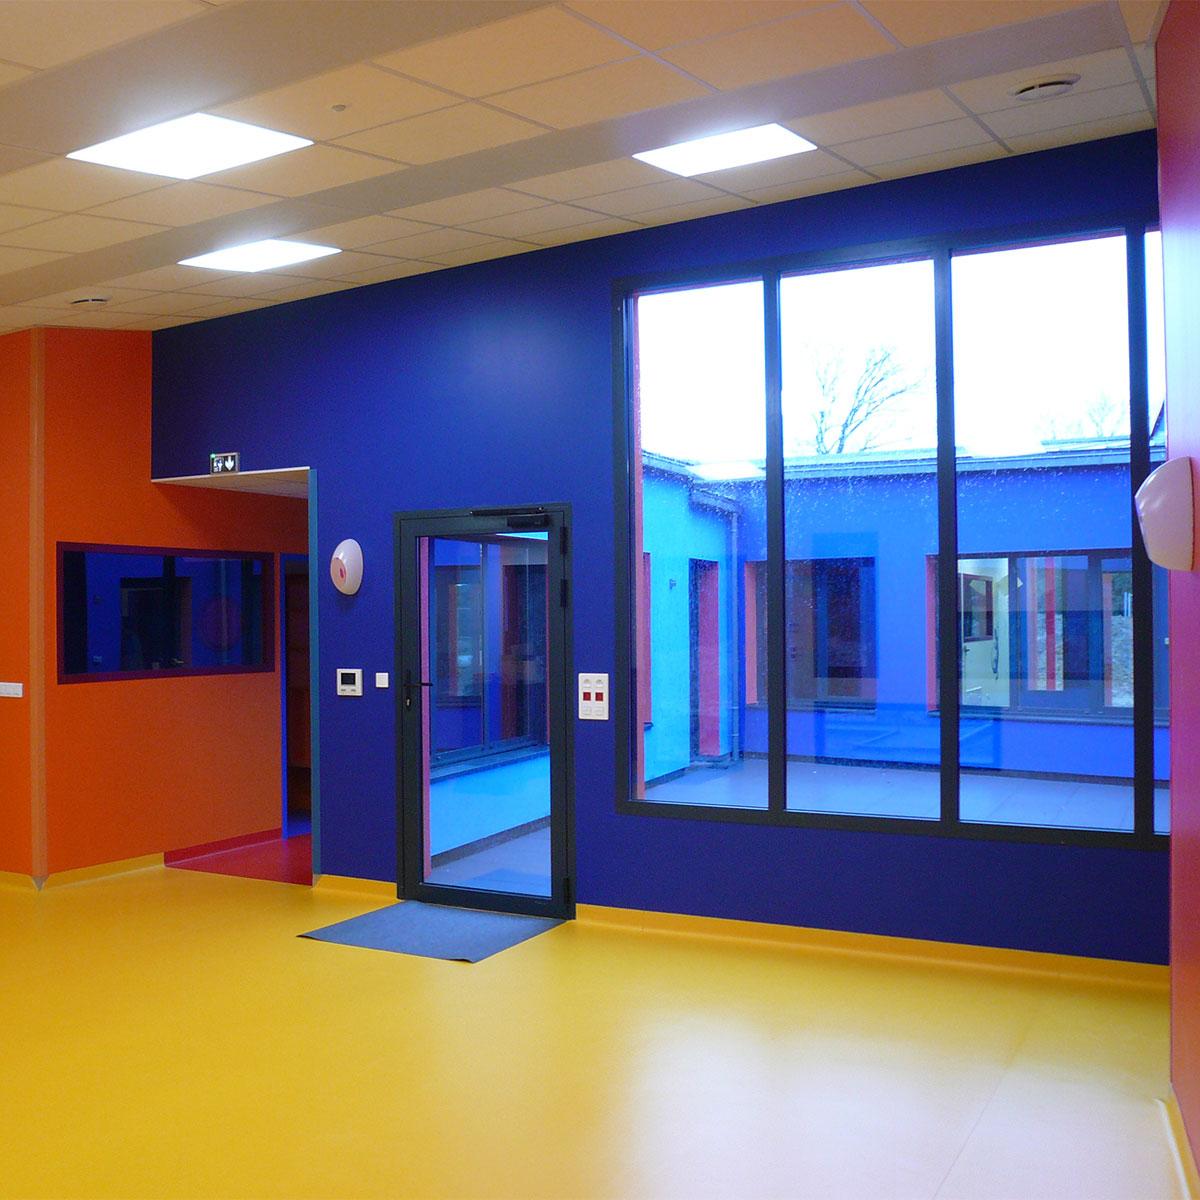 In Situ, Architecture, Culture(s) & Ville - Crèche ''Le Lézard Bleu'' - Savenay